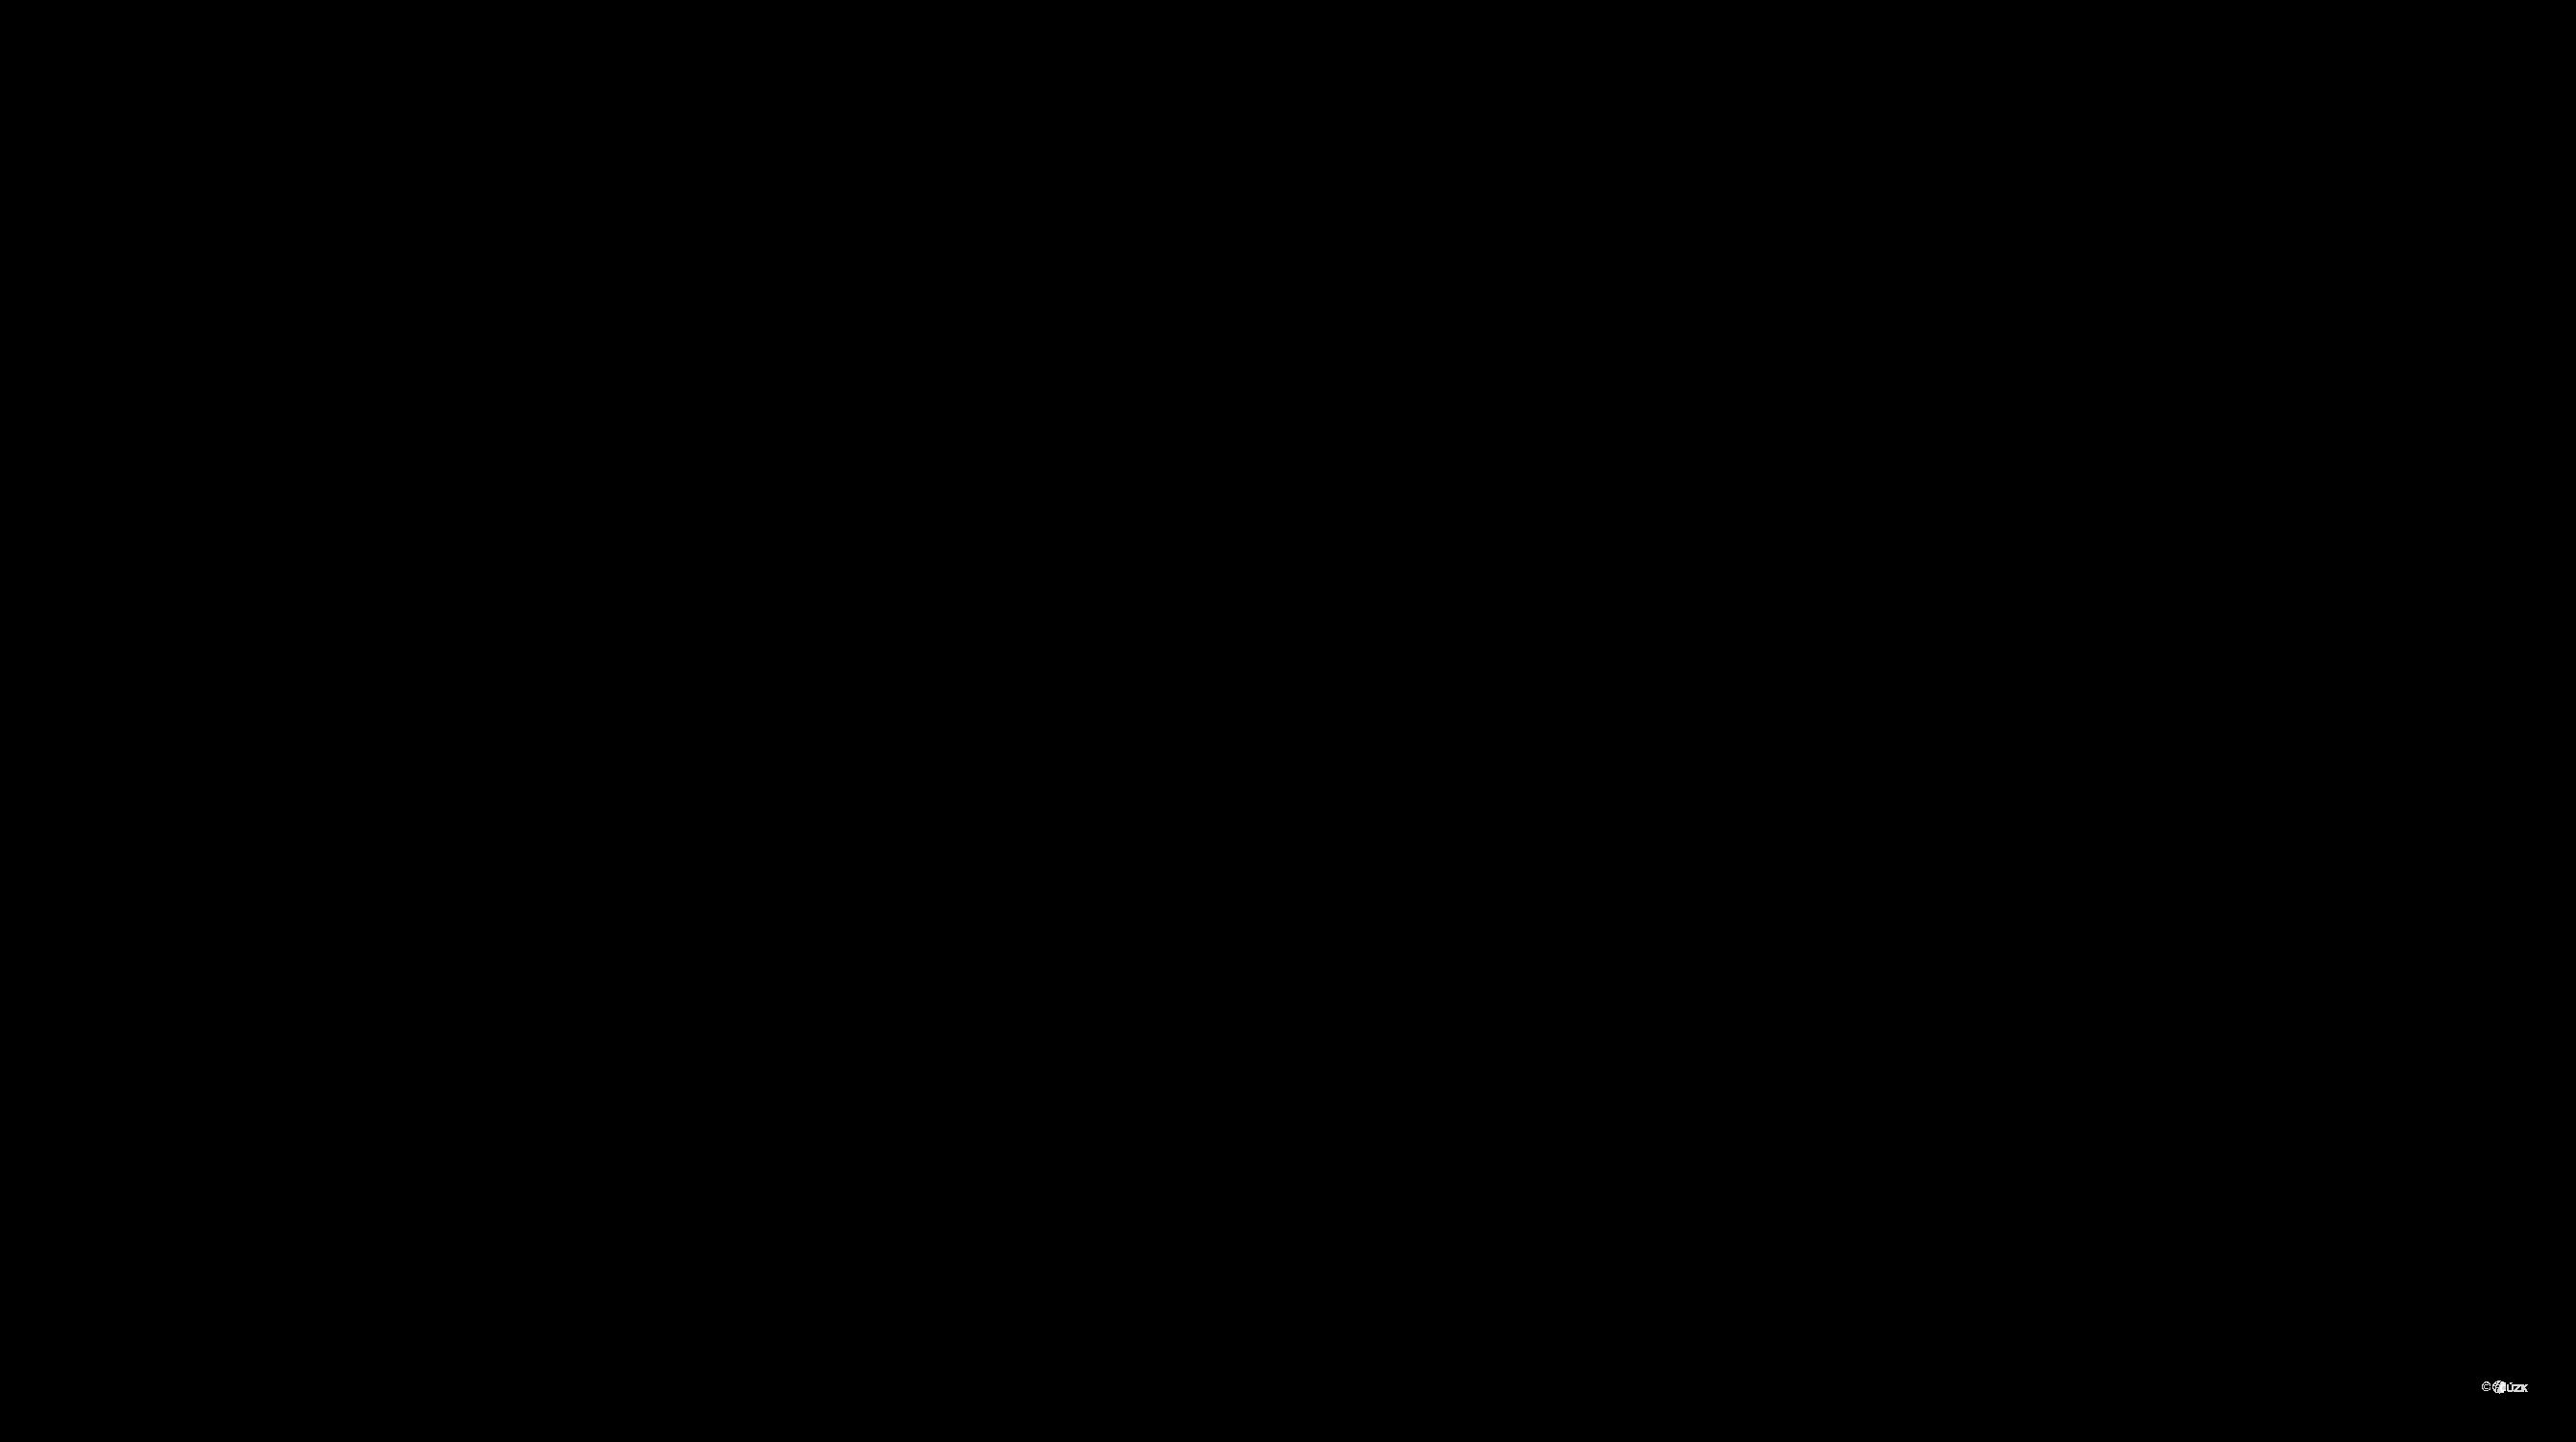 Katastrální mapa pozemků a čísla parcel Mašovice u Meclova